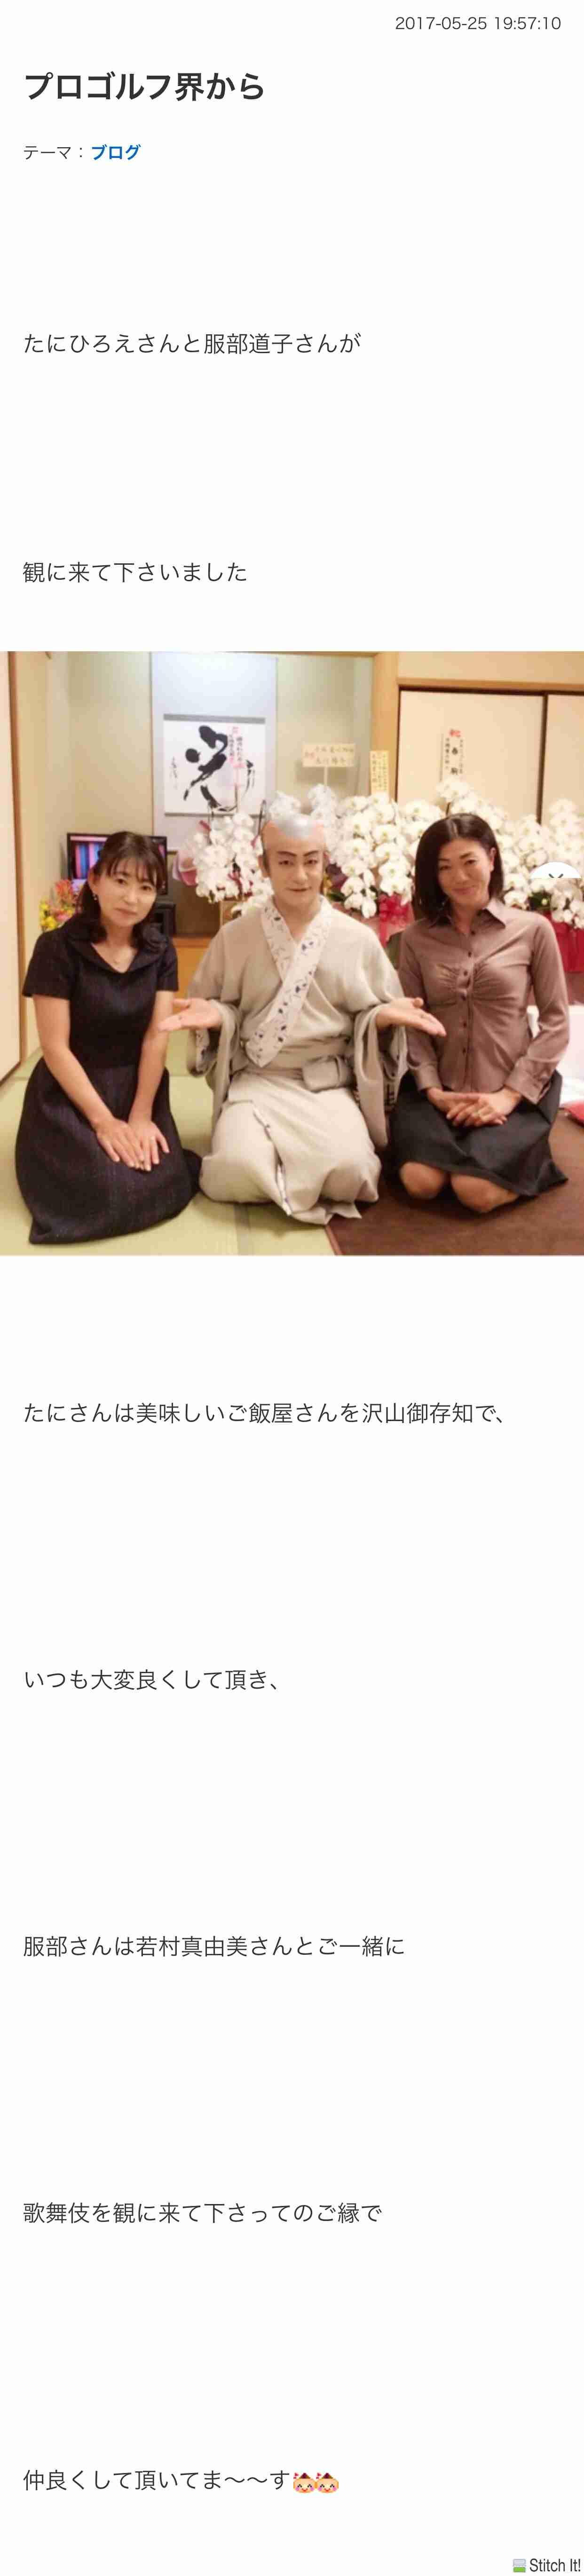 藤原紀香、愛之助が家でだらっとしてても「どうぞどうぞって思える」